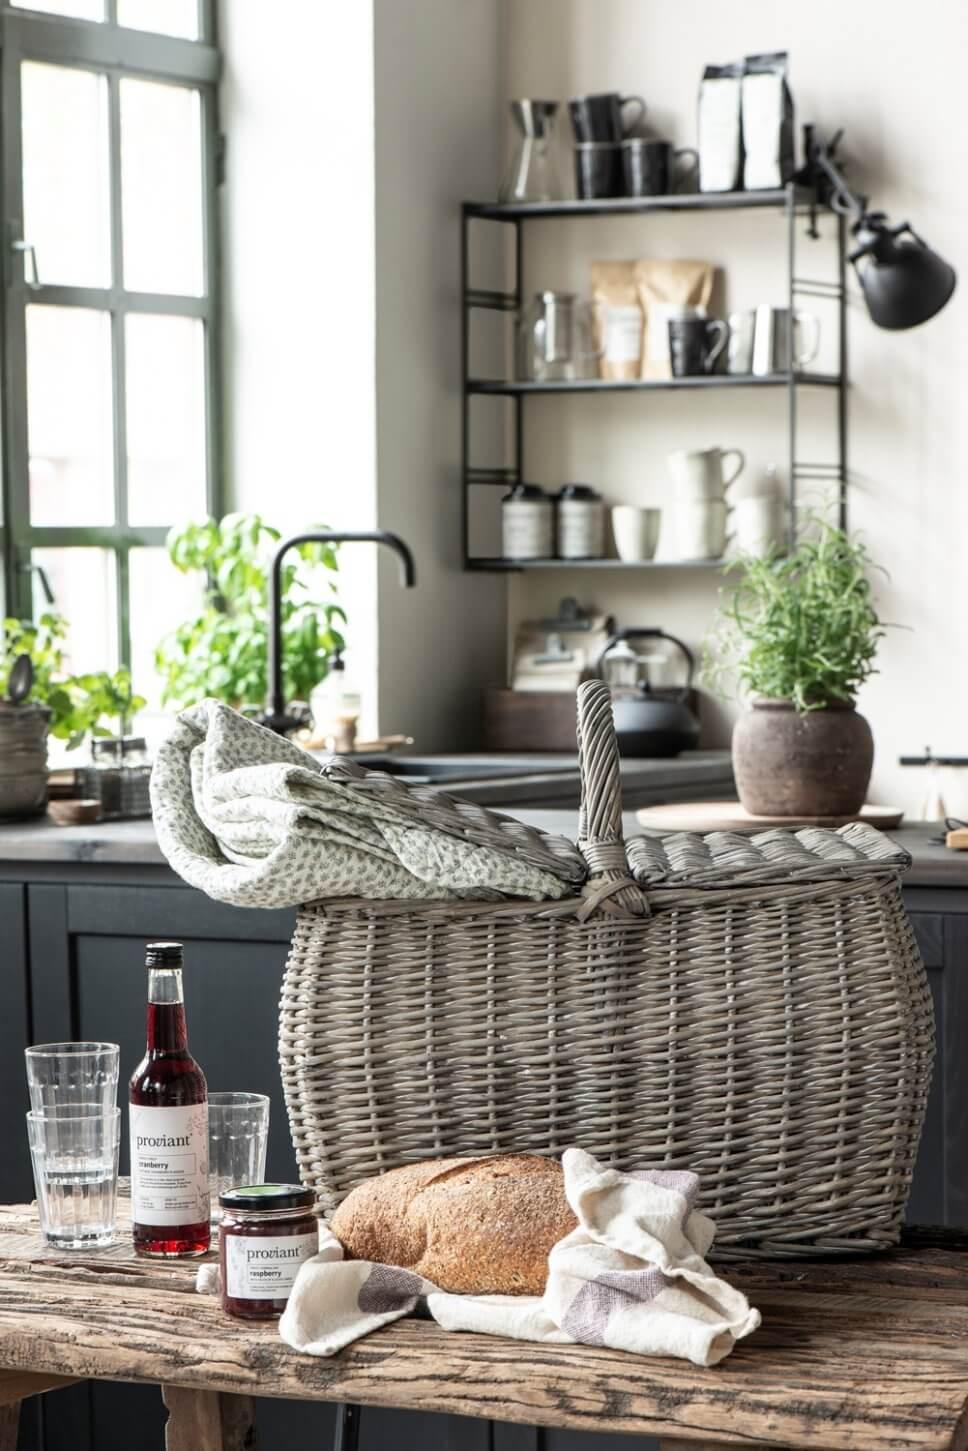 Landhausküche mit Keramik in offenen Regalen und Picknickkorb